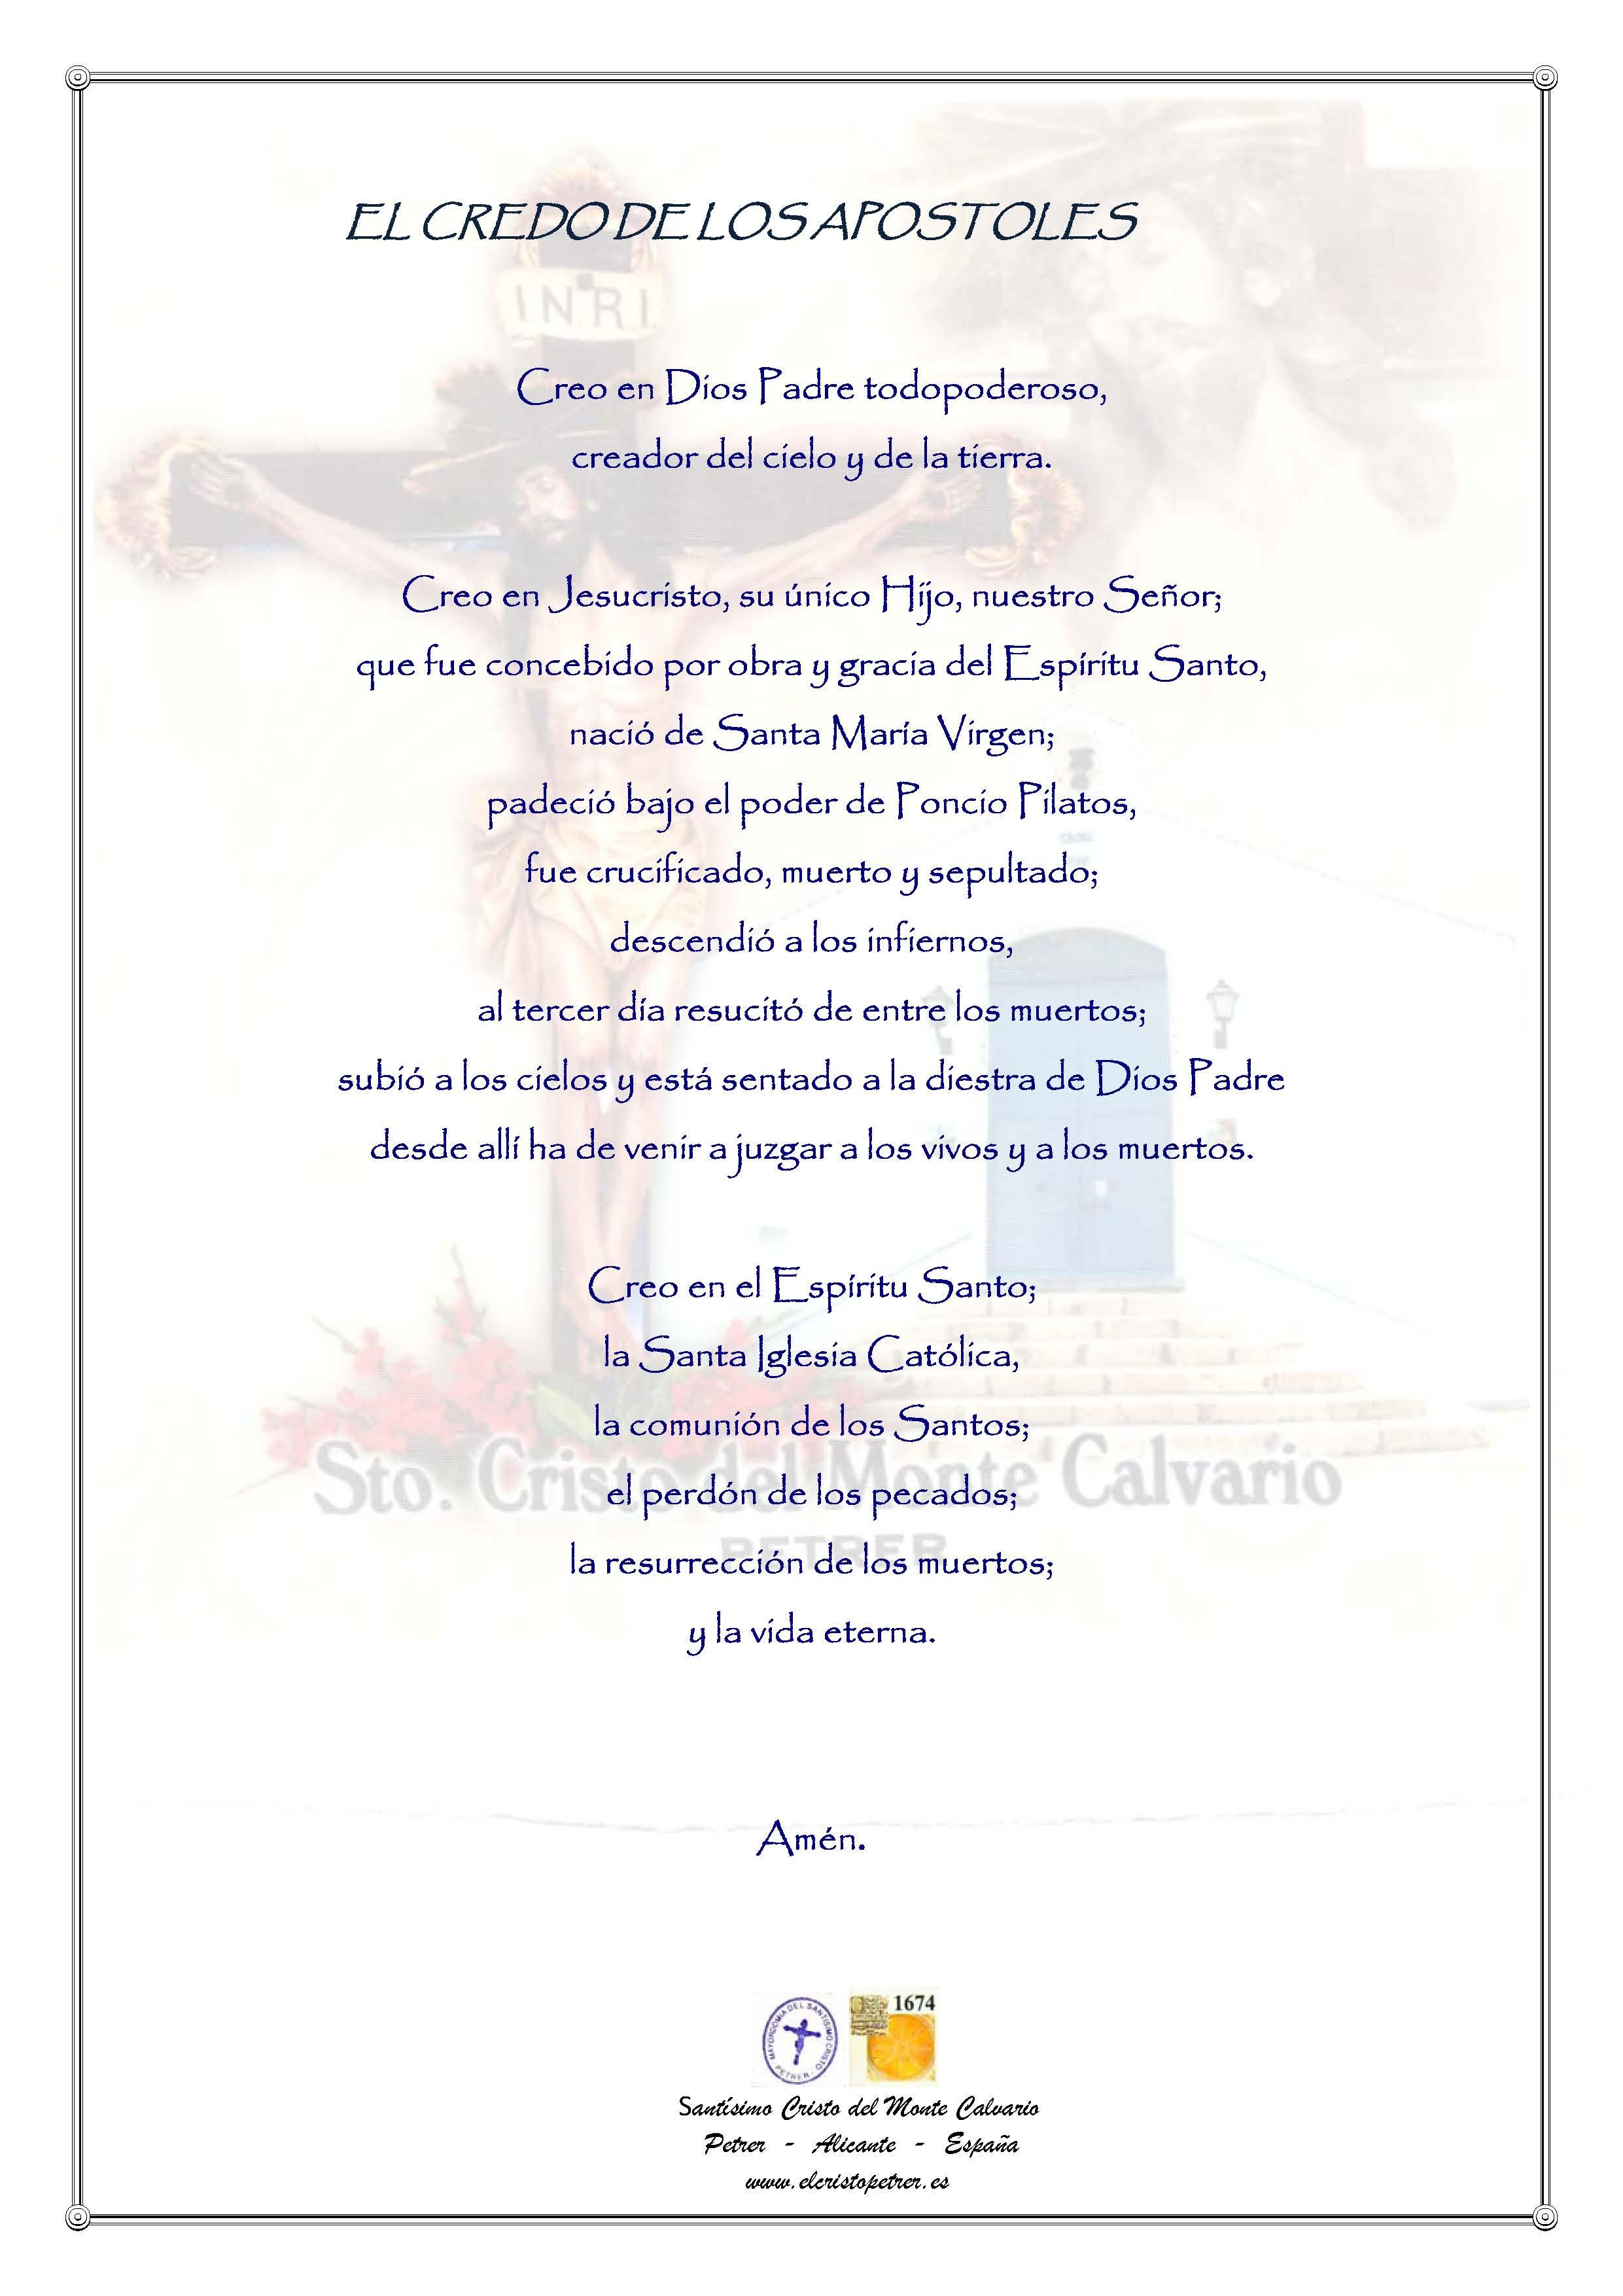 ElCristo - Oraciones - Iglesia - Concilio de Nicea - El Credo de los Apostoles